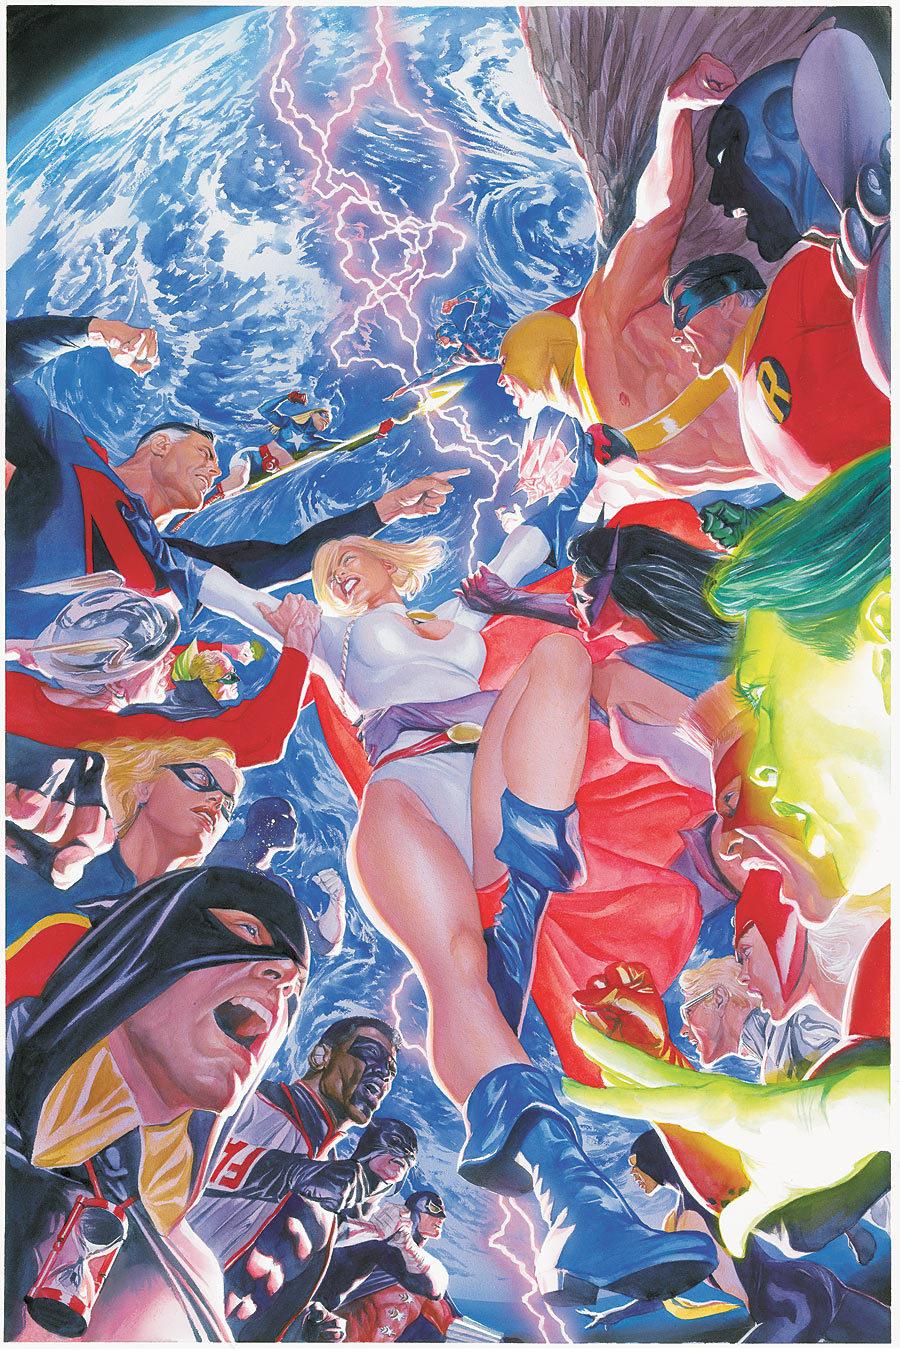 Power Girl 0097.jpg